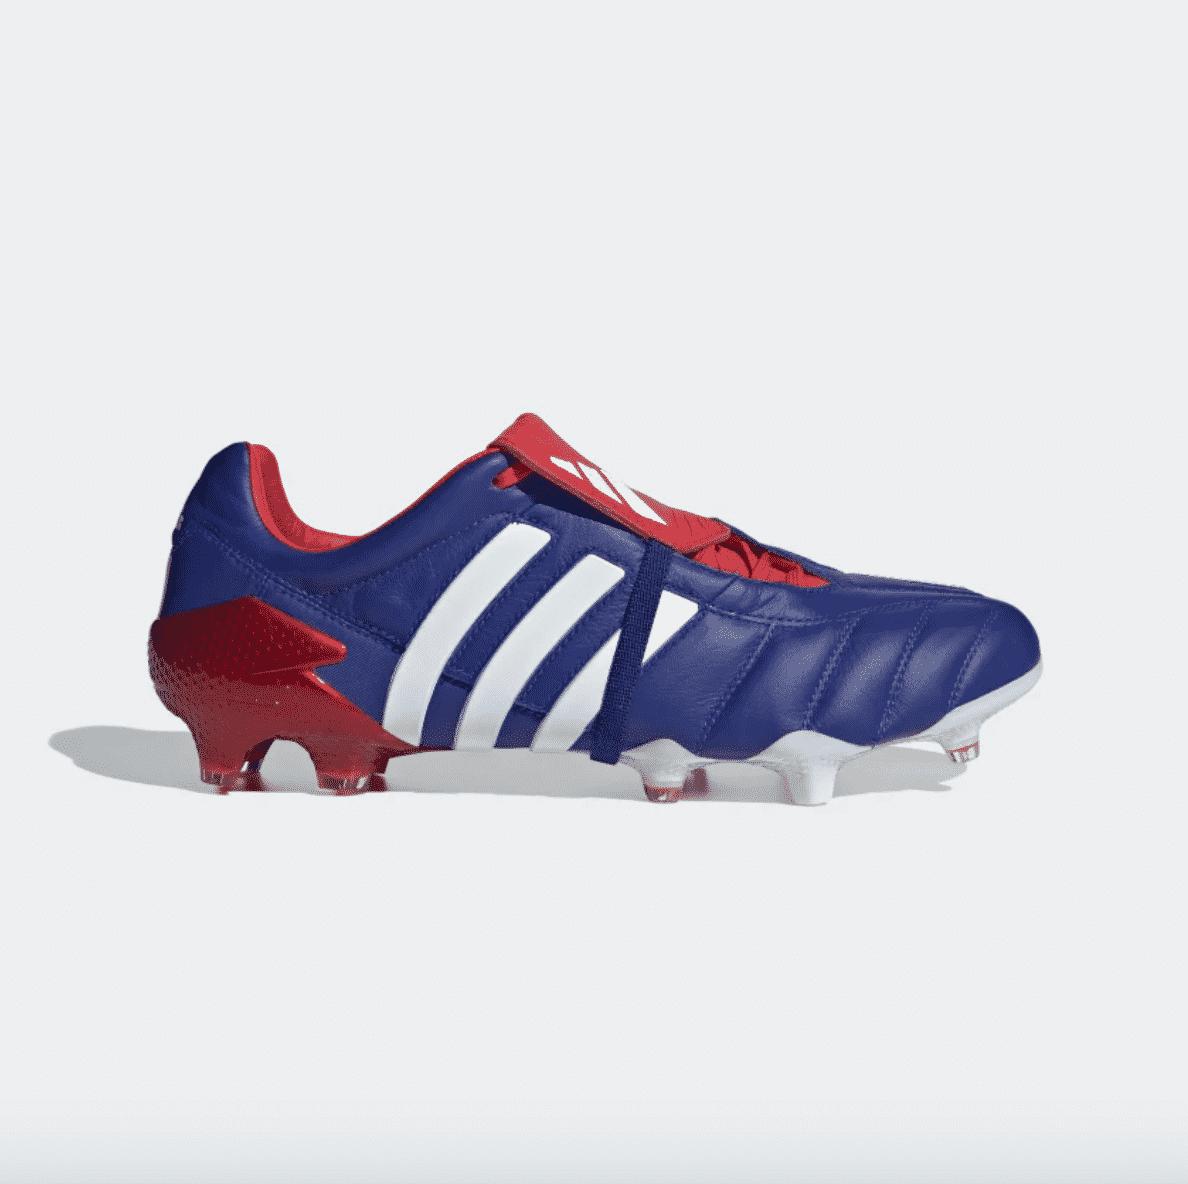 adidas-predator-20-mania-blue-japan-1